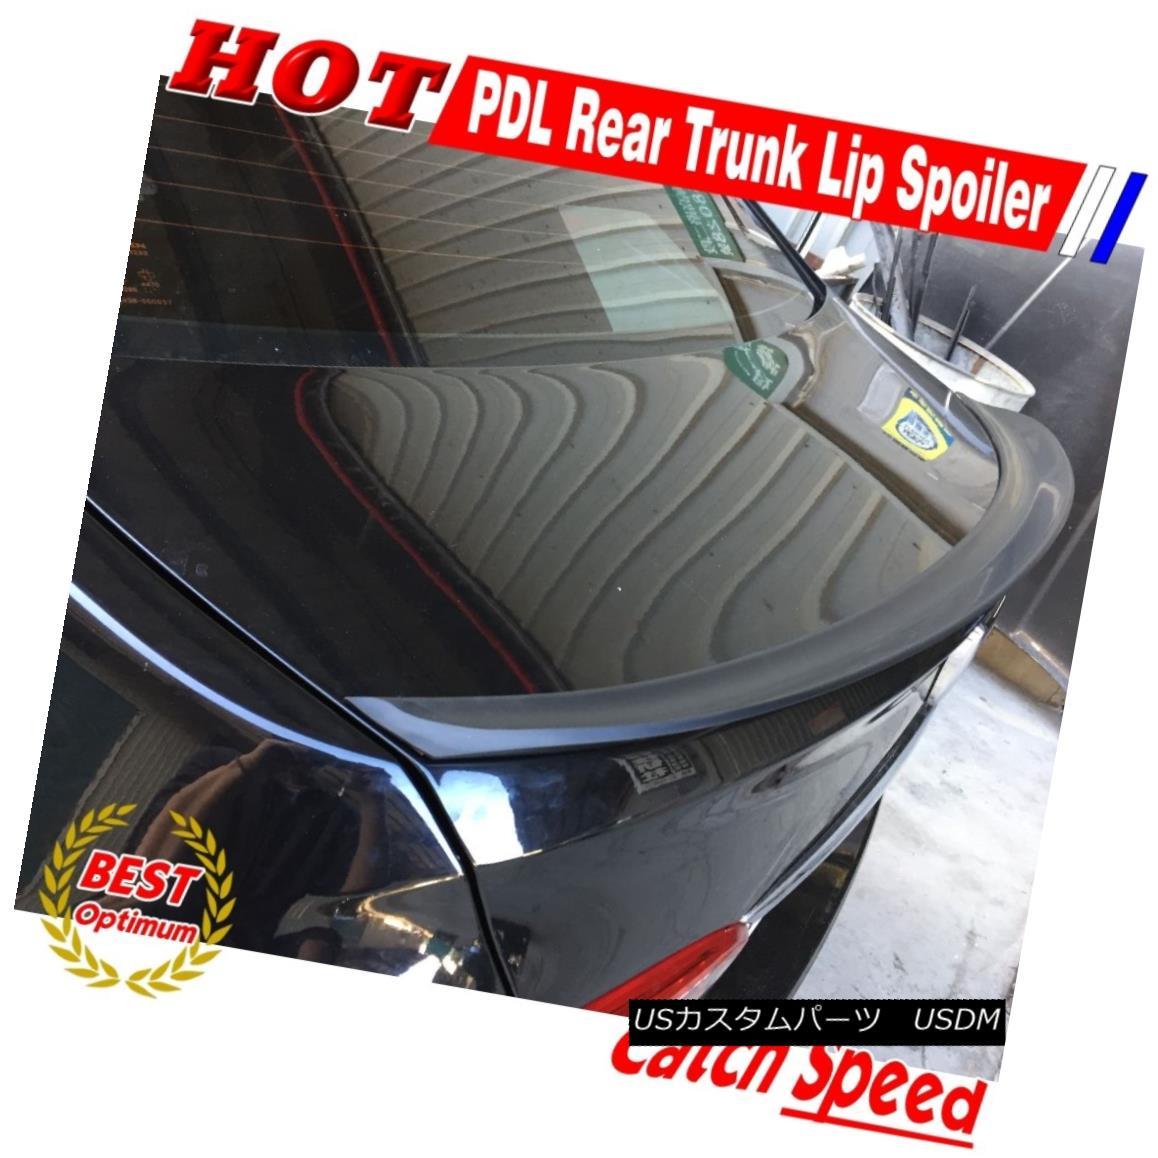 エアロパーツ NEW Painted P type Rear Trunk Spoiler Wing For Lexus IS200 IS300 1998-2005 Sedan レクサスIS200 IS300 IS300 1998-2005セダン用NEW塗装Pタイプリアトランク・スポイラー・ウイング